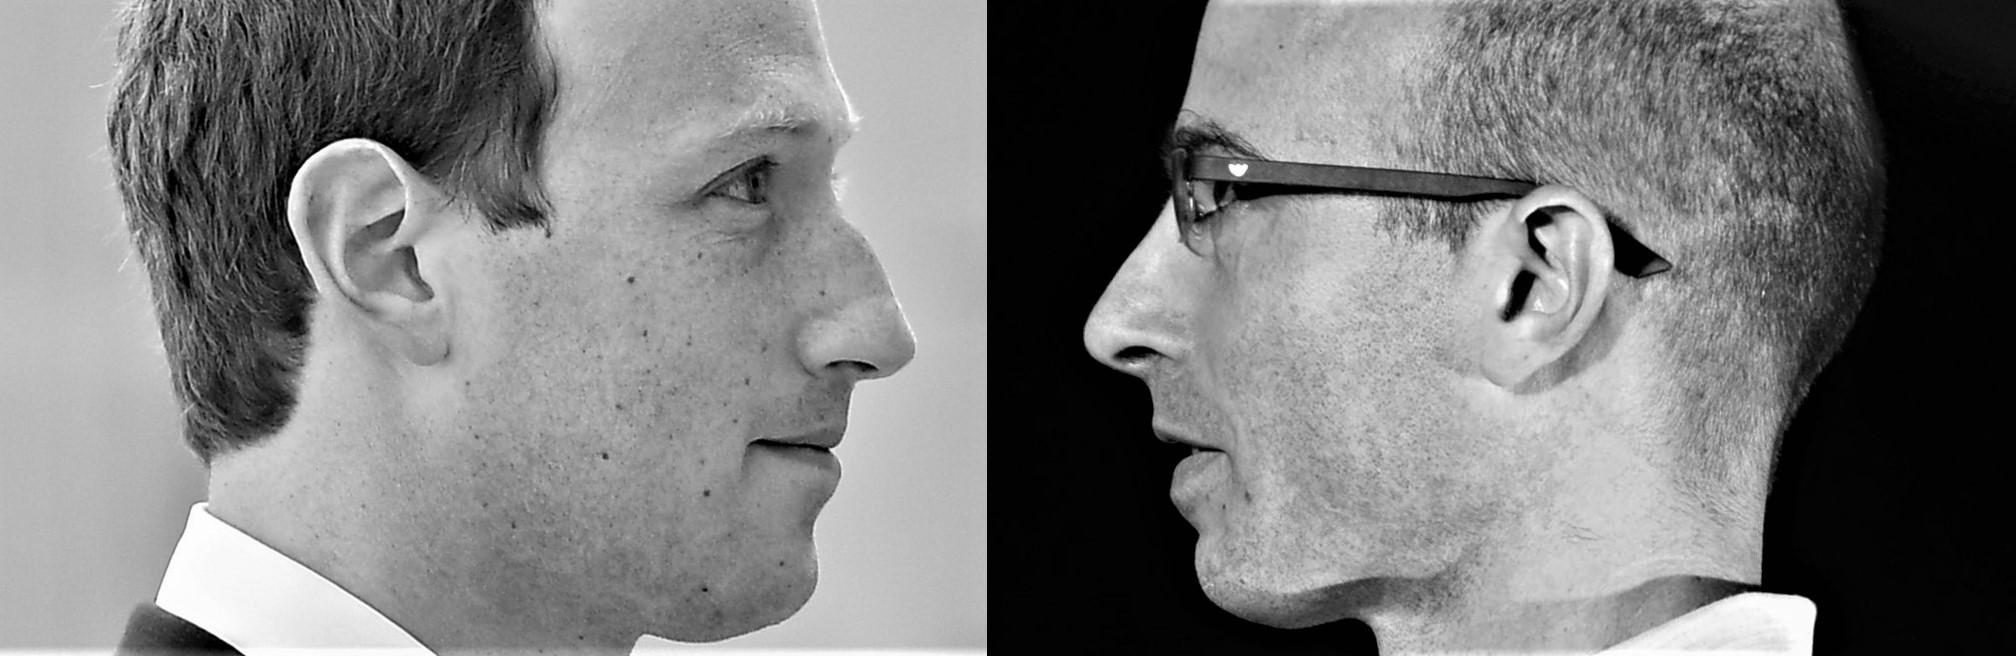 Zuckerberg v. Harari: Czy to jest świat, którego chcemy?